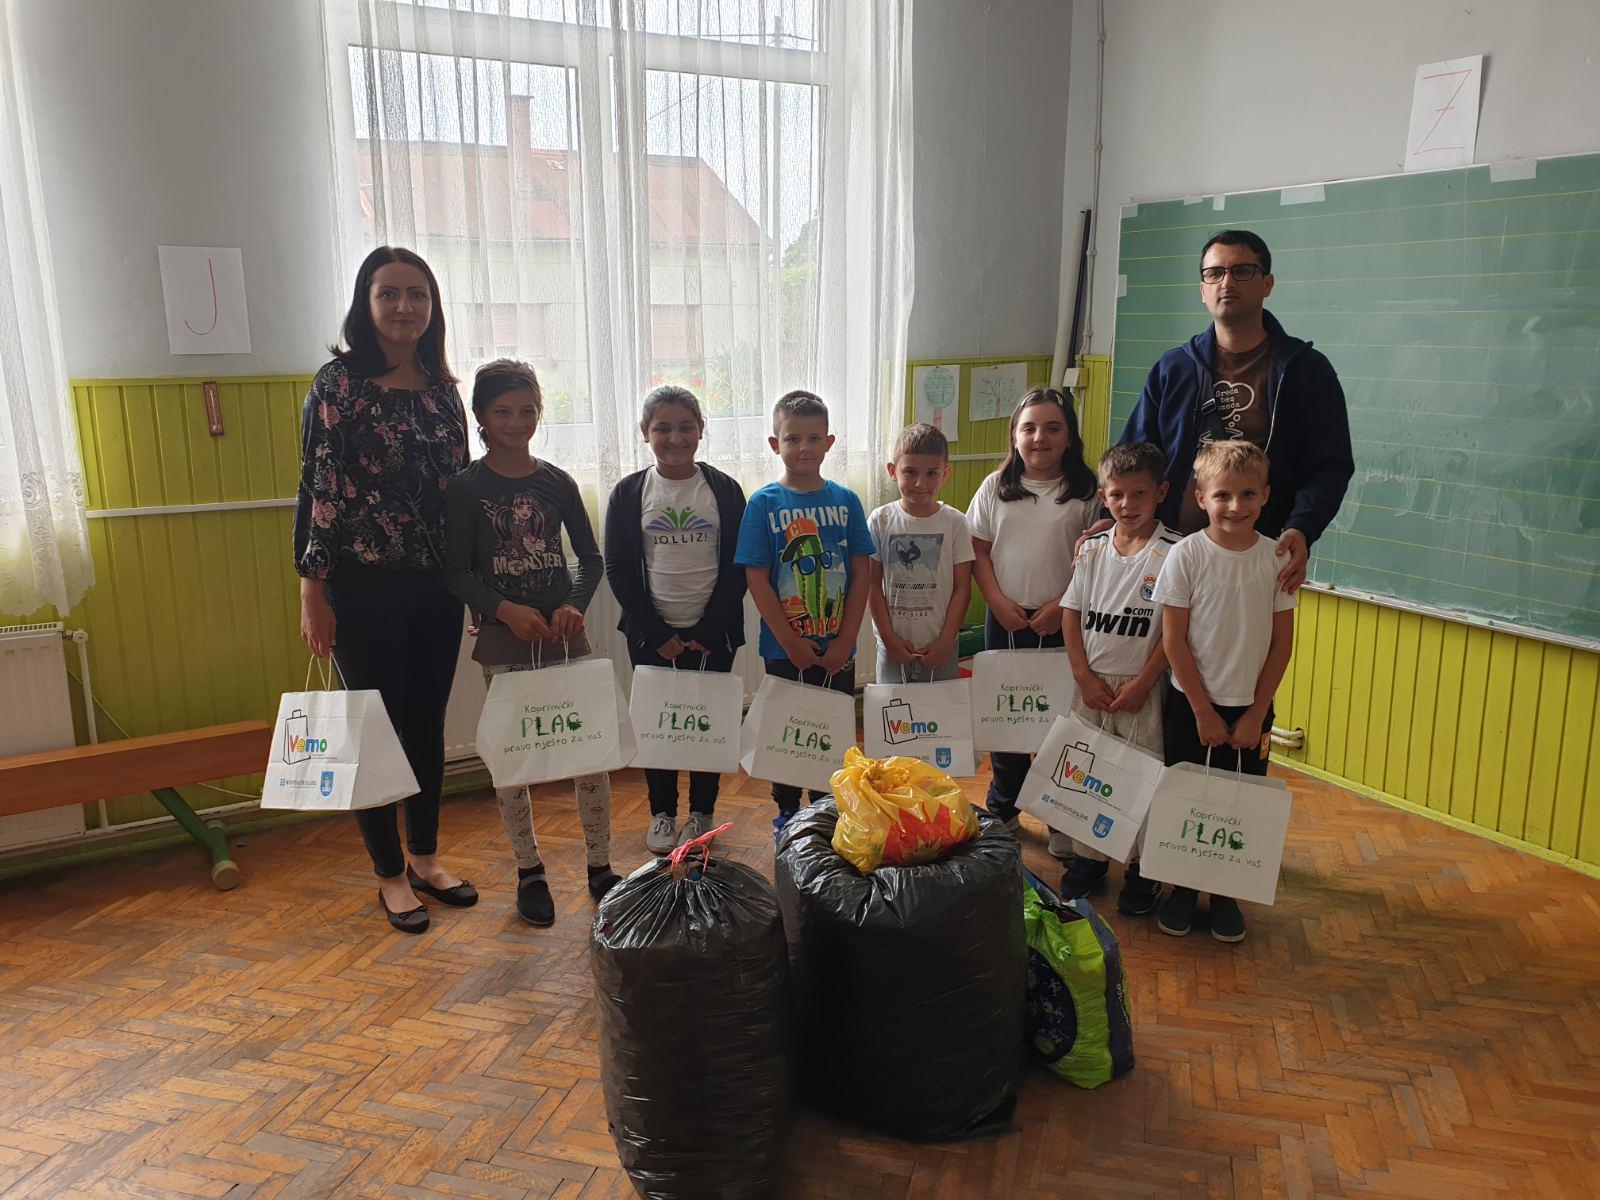 Učenici PŠ Veliki Otok marljivo skupljali plastične čepove za humanitarne svrhe